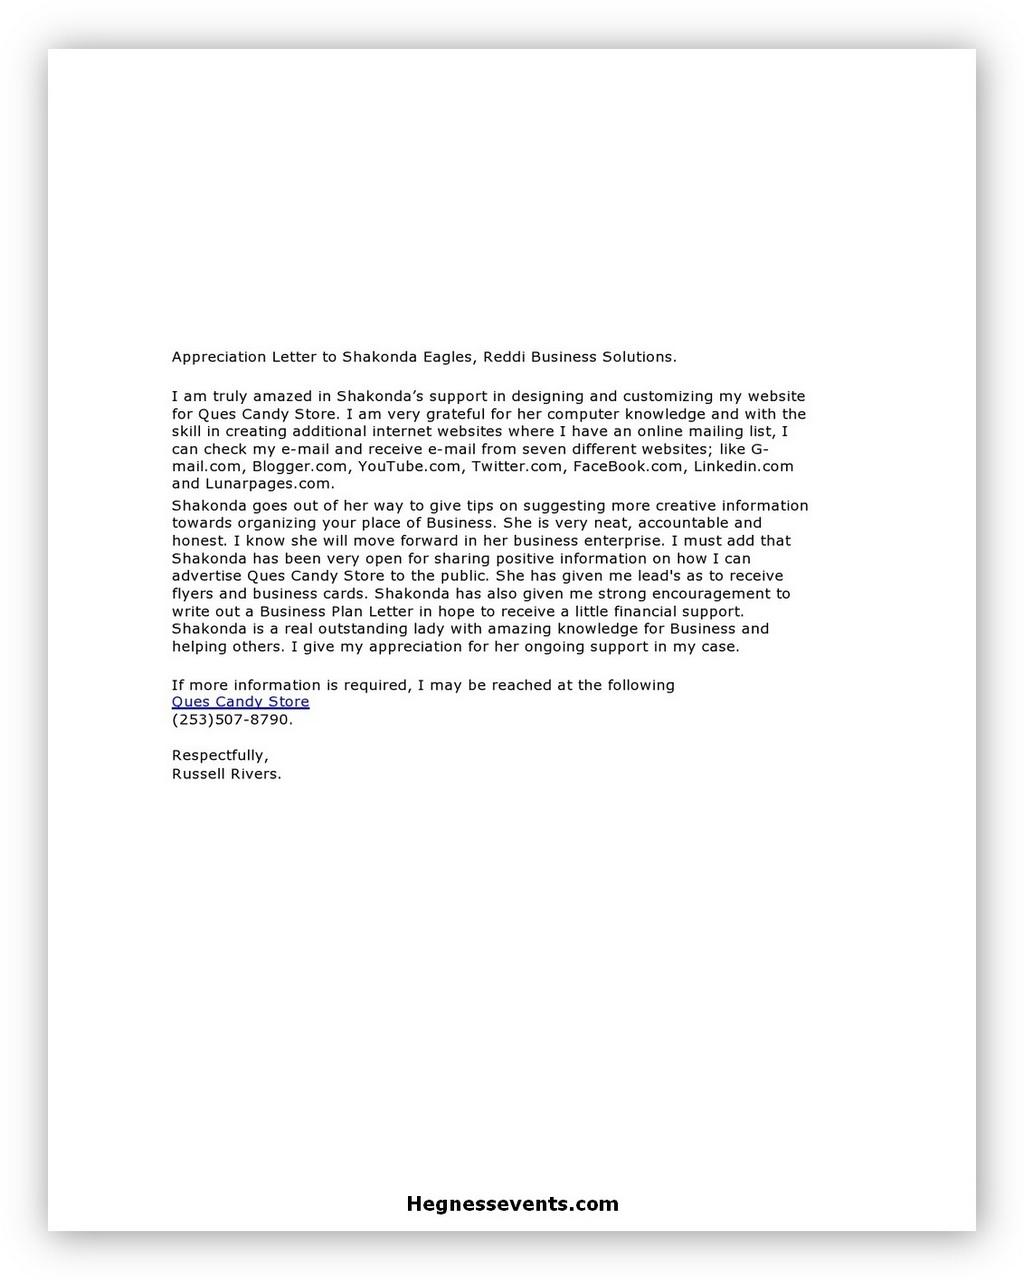 Appreciation Letter 03